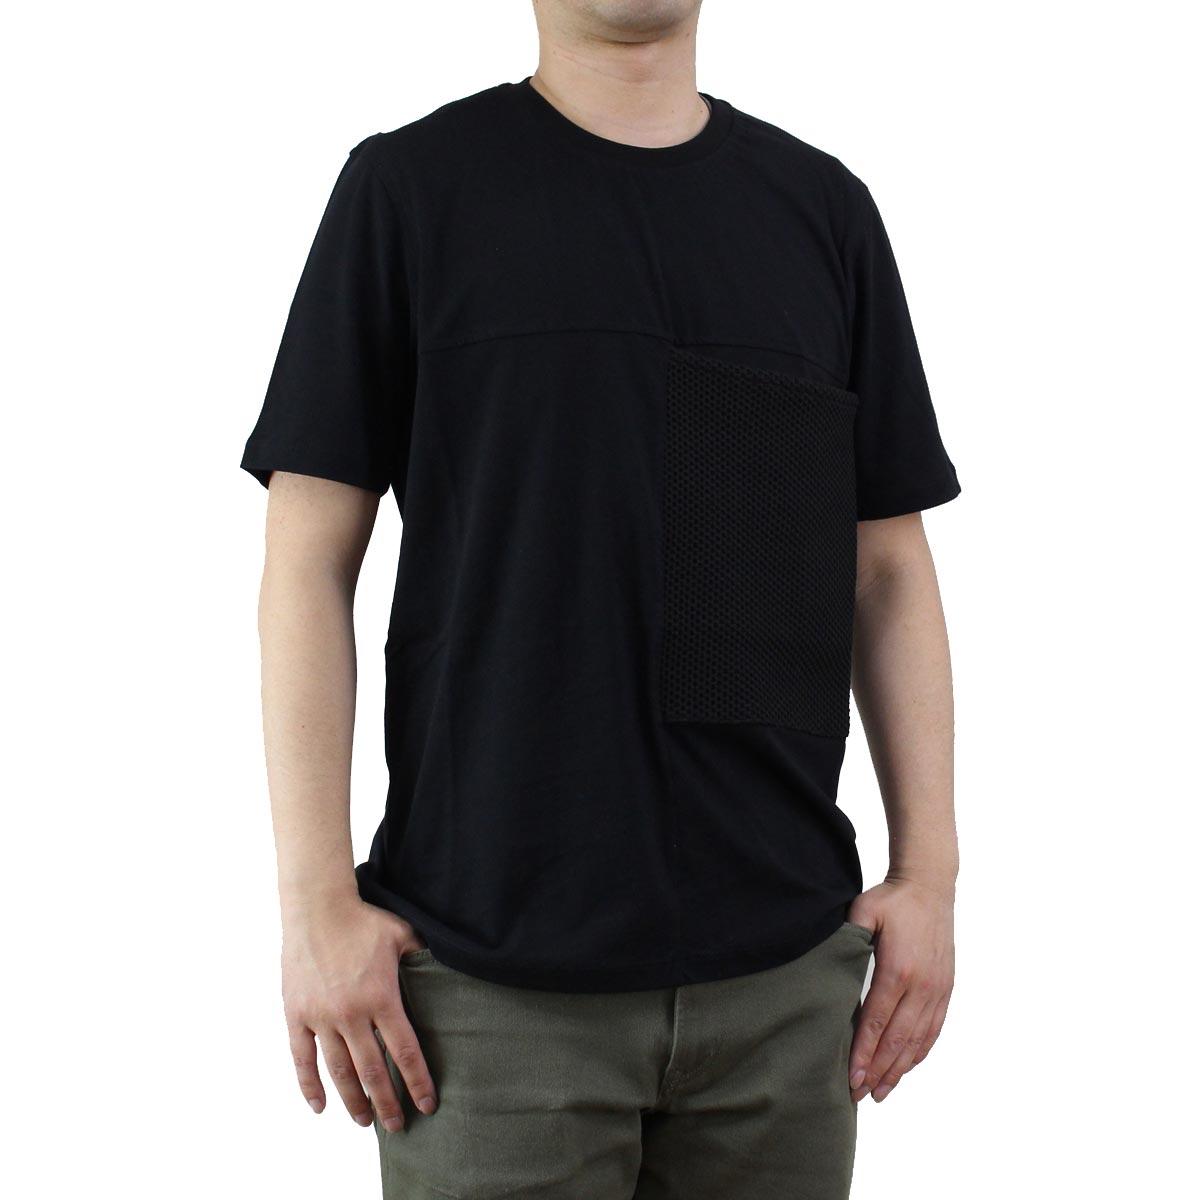 バーク Bark  メンズ クルーネック 半袖 Tシャツ 71B8706 261 BLACK ブラック  メンズ ティーシャツ ティーシャツ T shirt OLS-4  ts-01